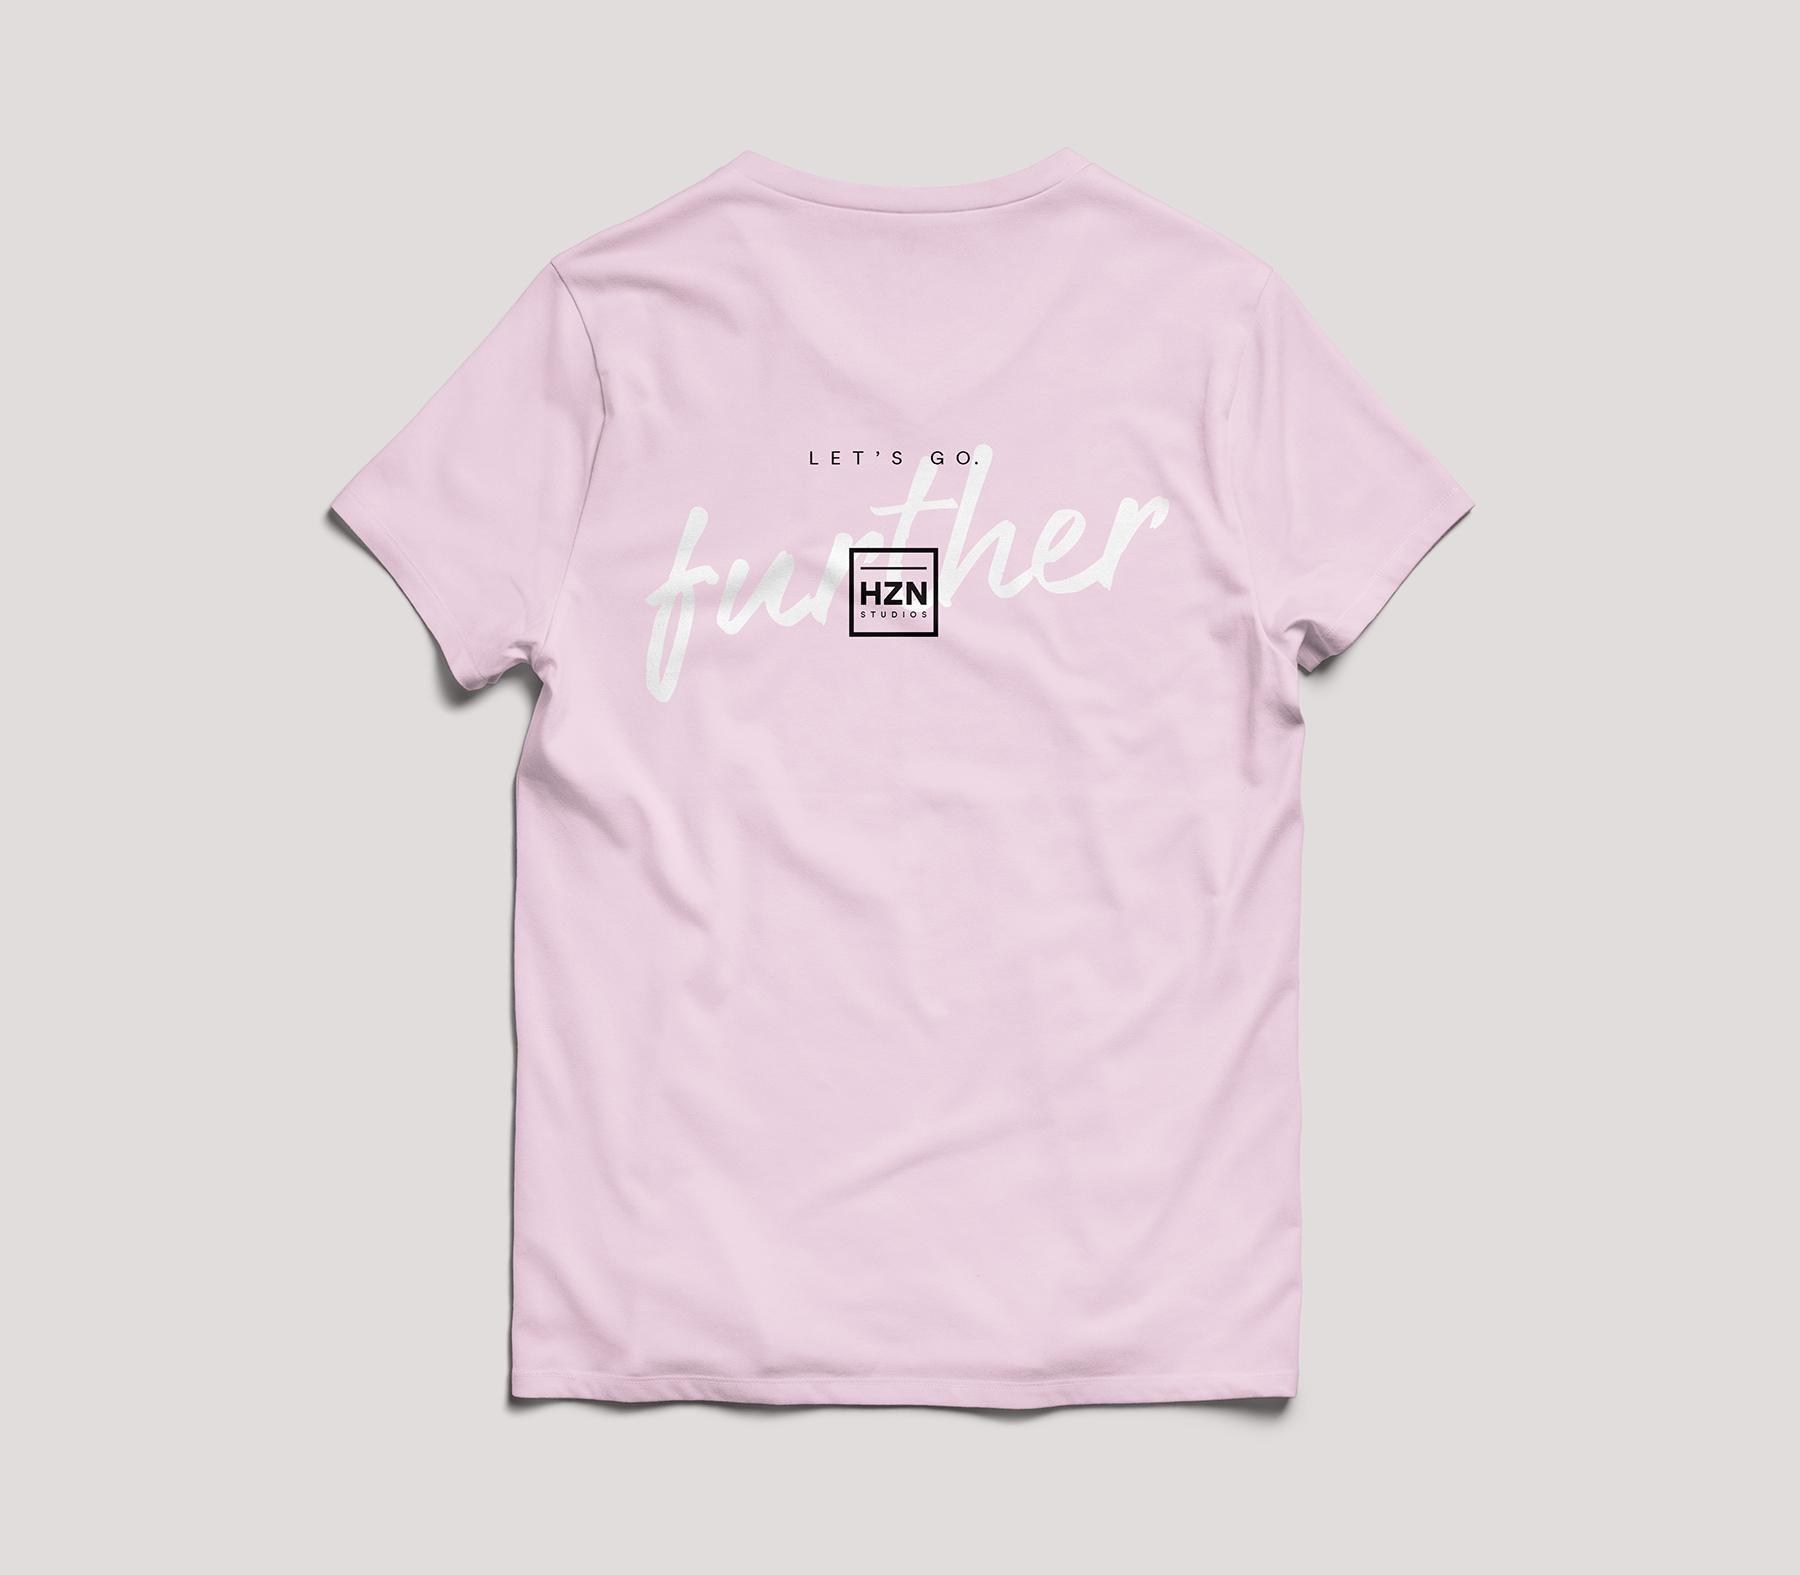 ROSE_Shirt BACK.jpg